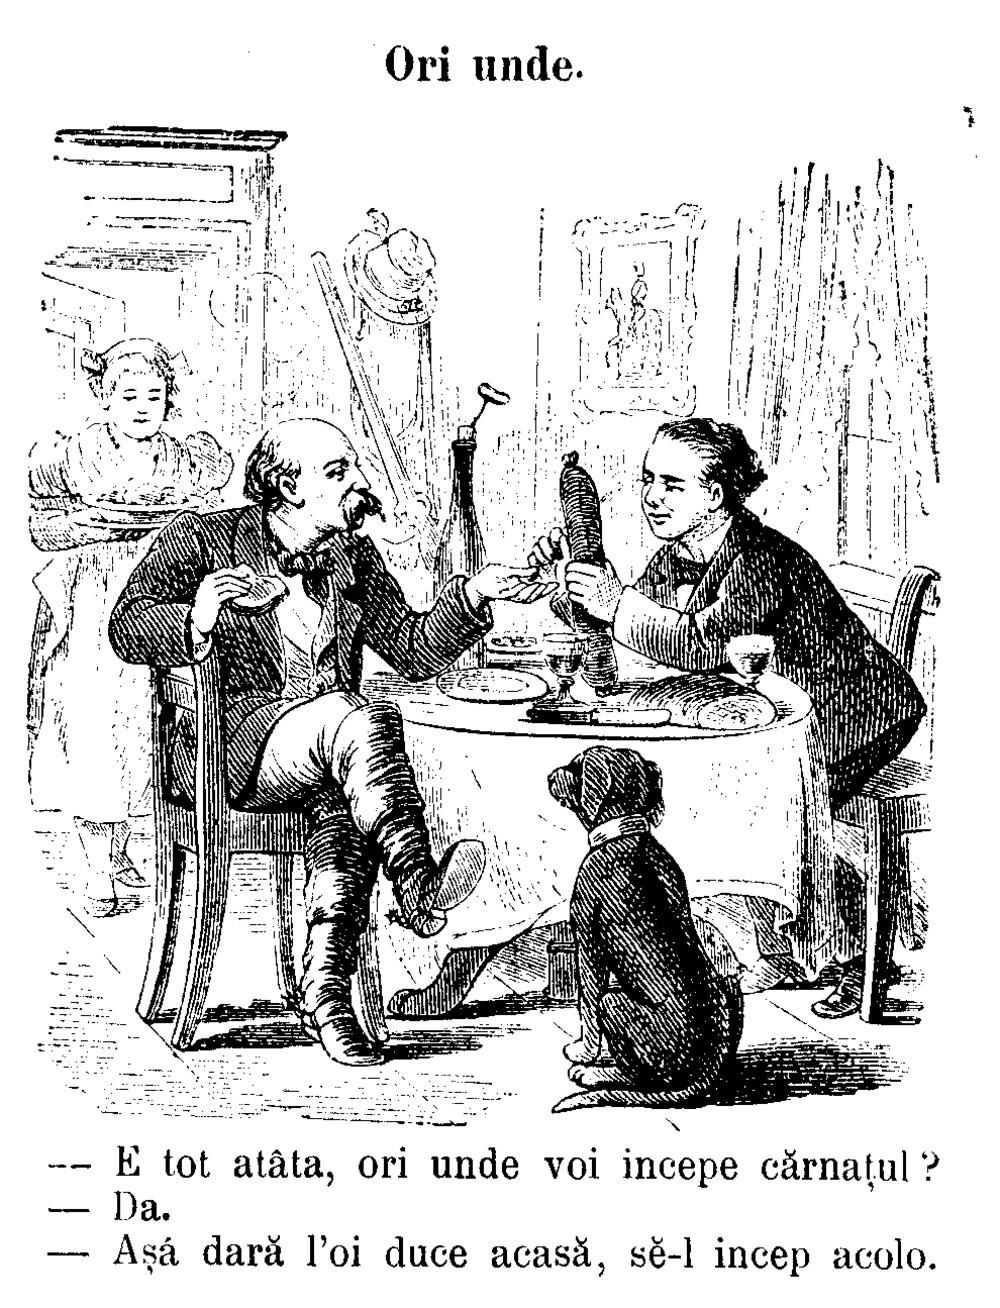 1884 Oriunde